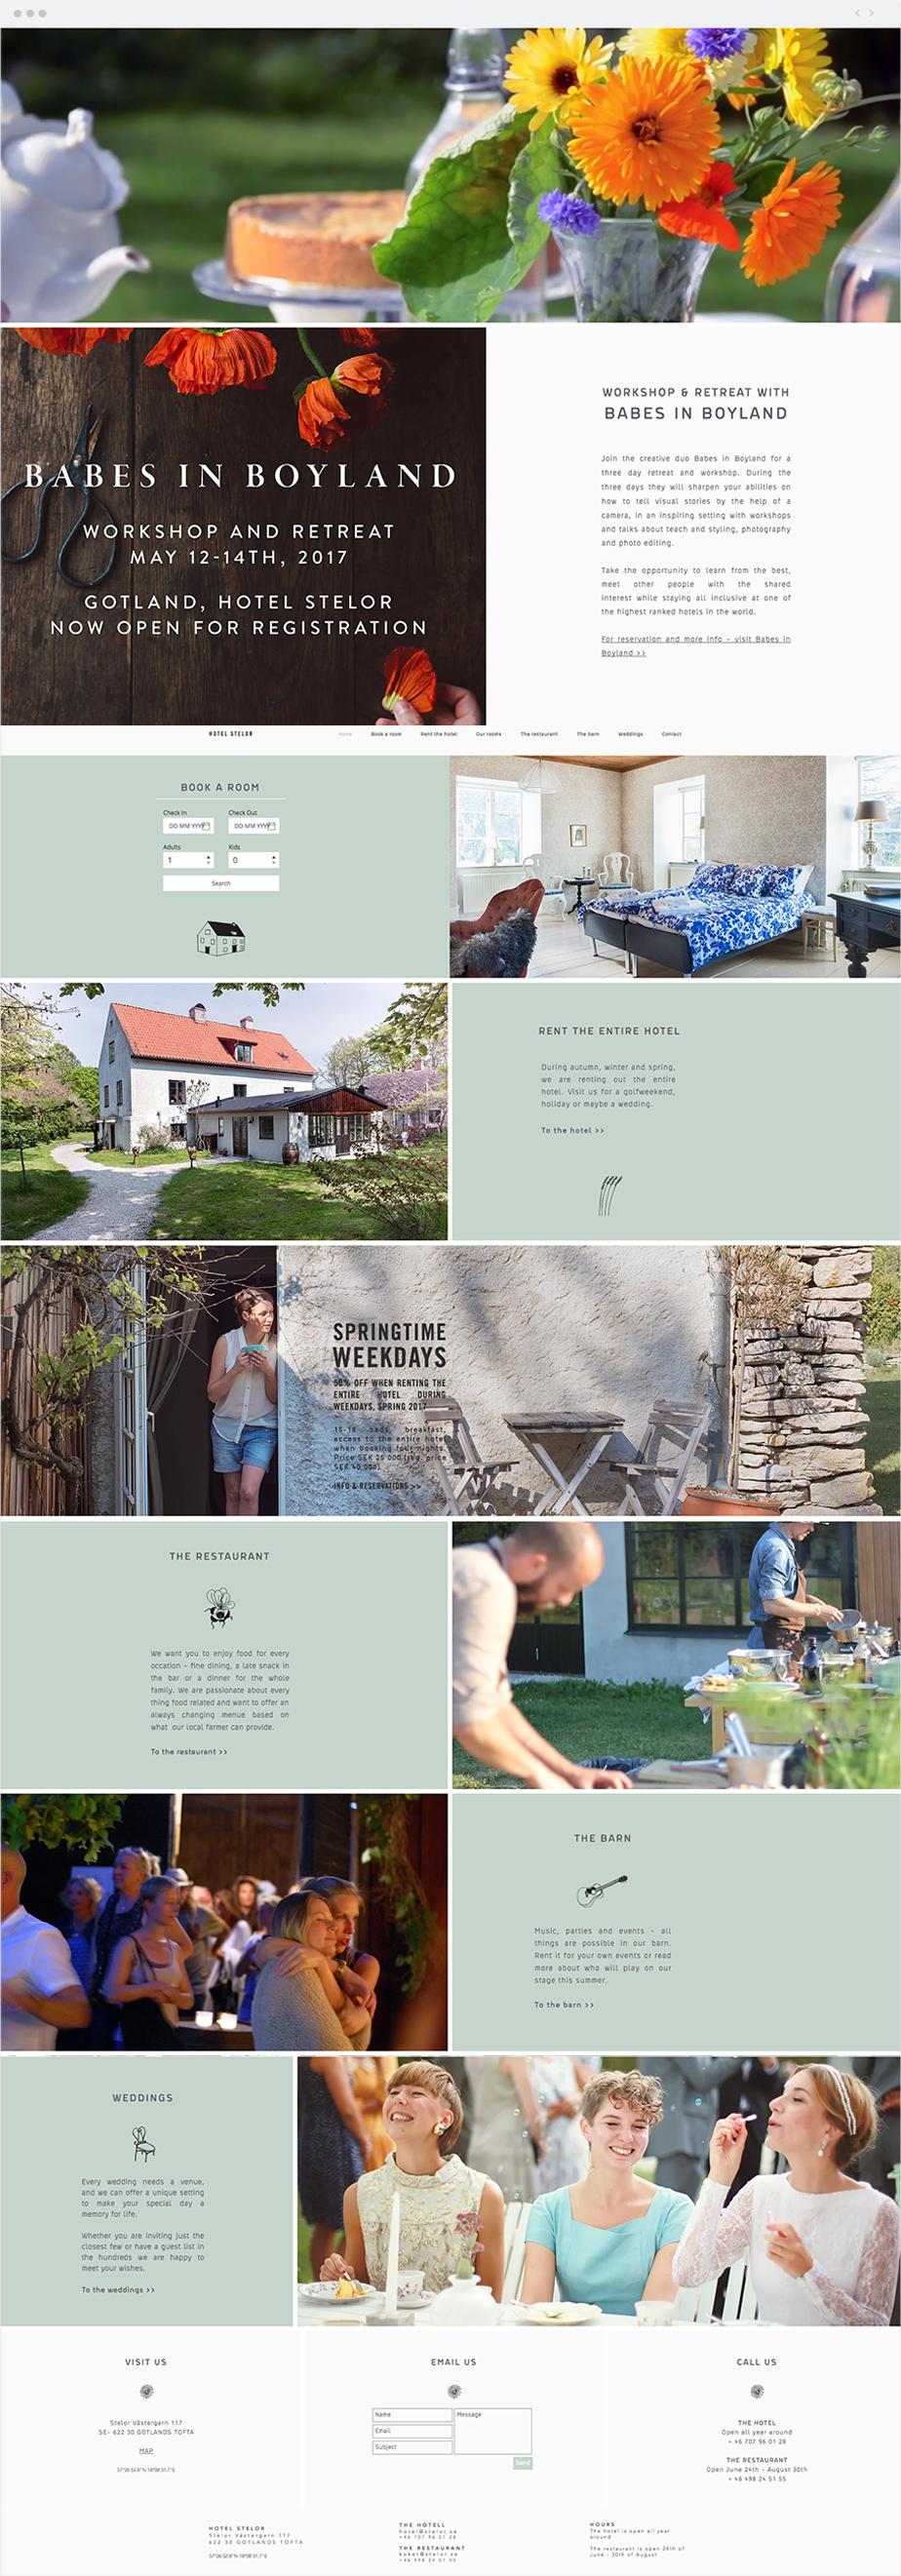 Wix Website: Hotel Stelor